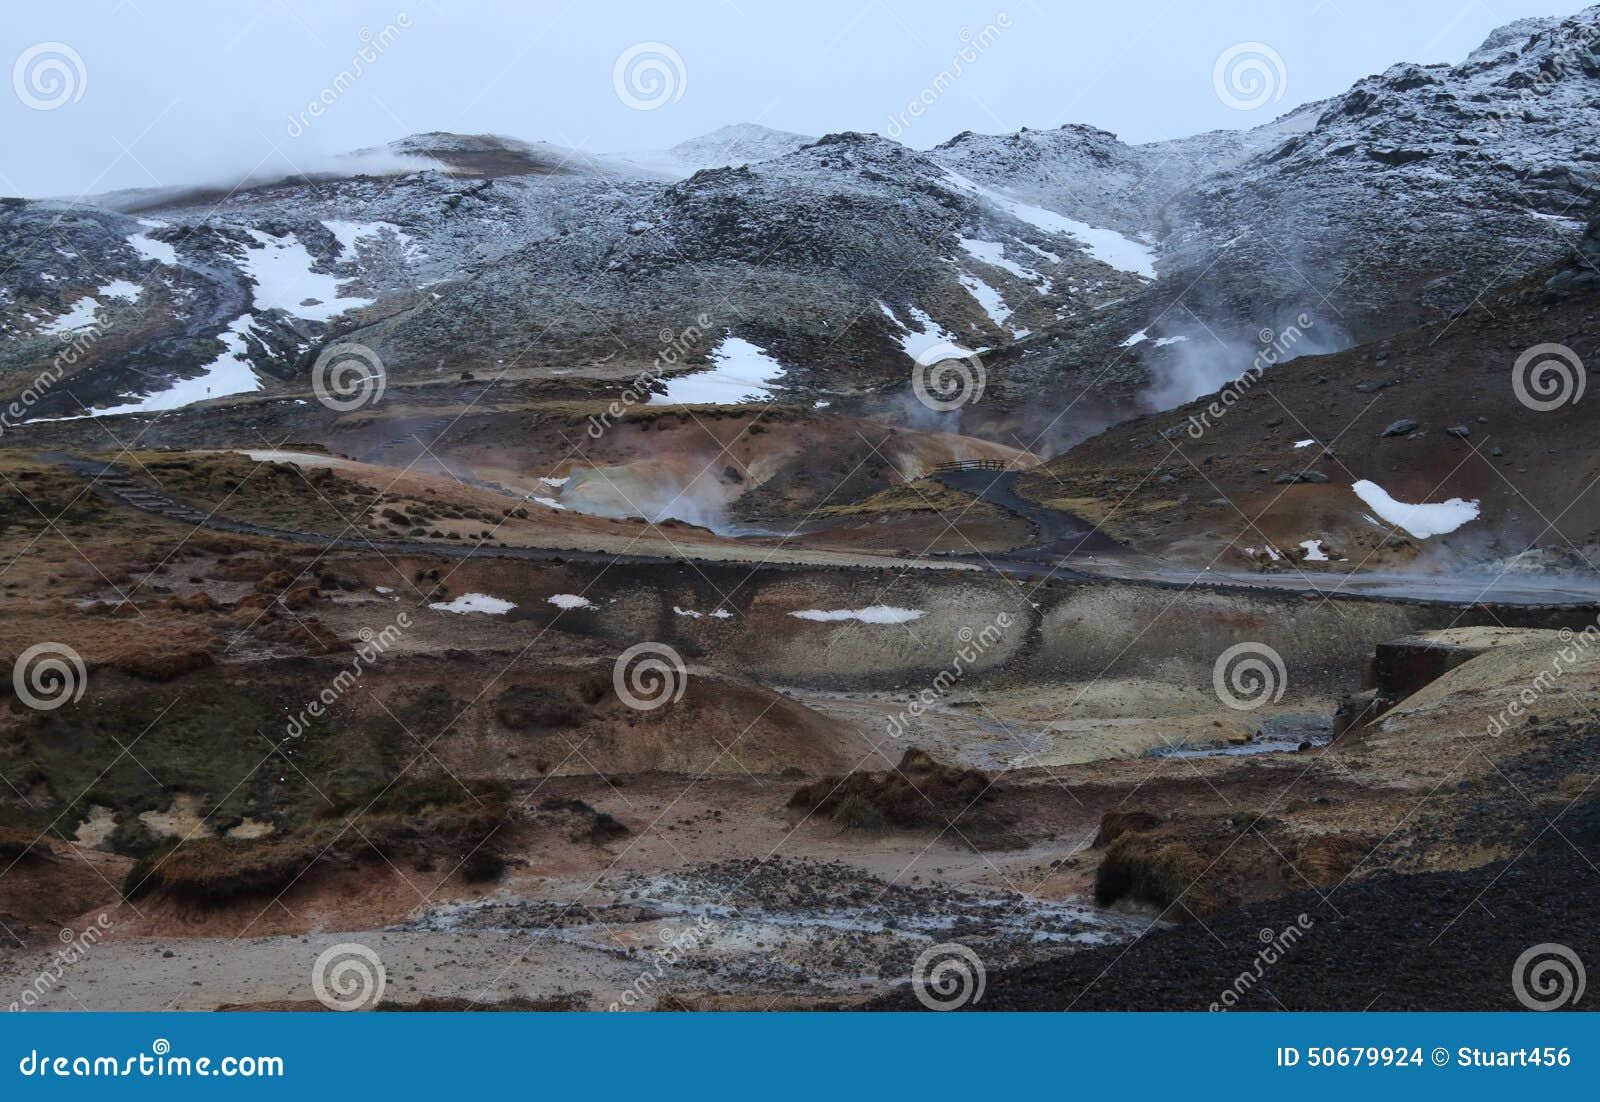 Download Krysuvik地热地区,冰岛 库存照片. 图片 包括有 地理, 欧洲, 火山, 喷气孔, 横向, 旅游业 - 50679924